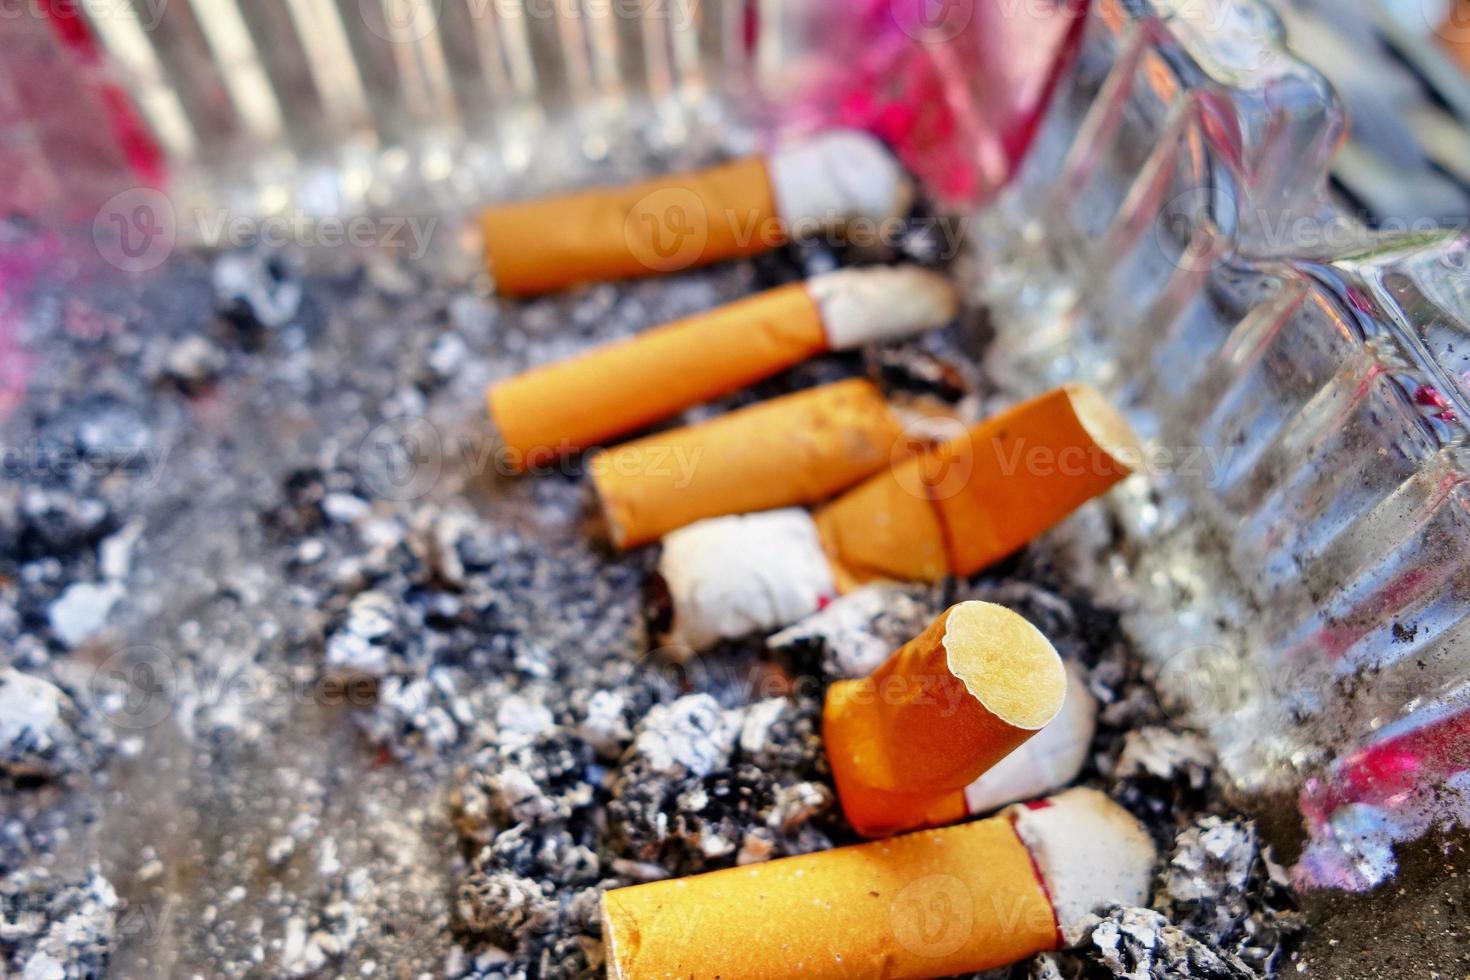 Zigarettenfilter im Aschenbecher foto